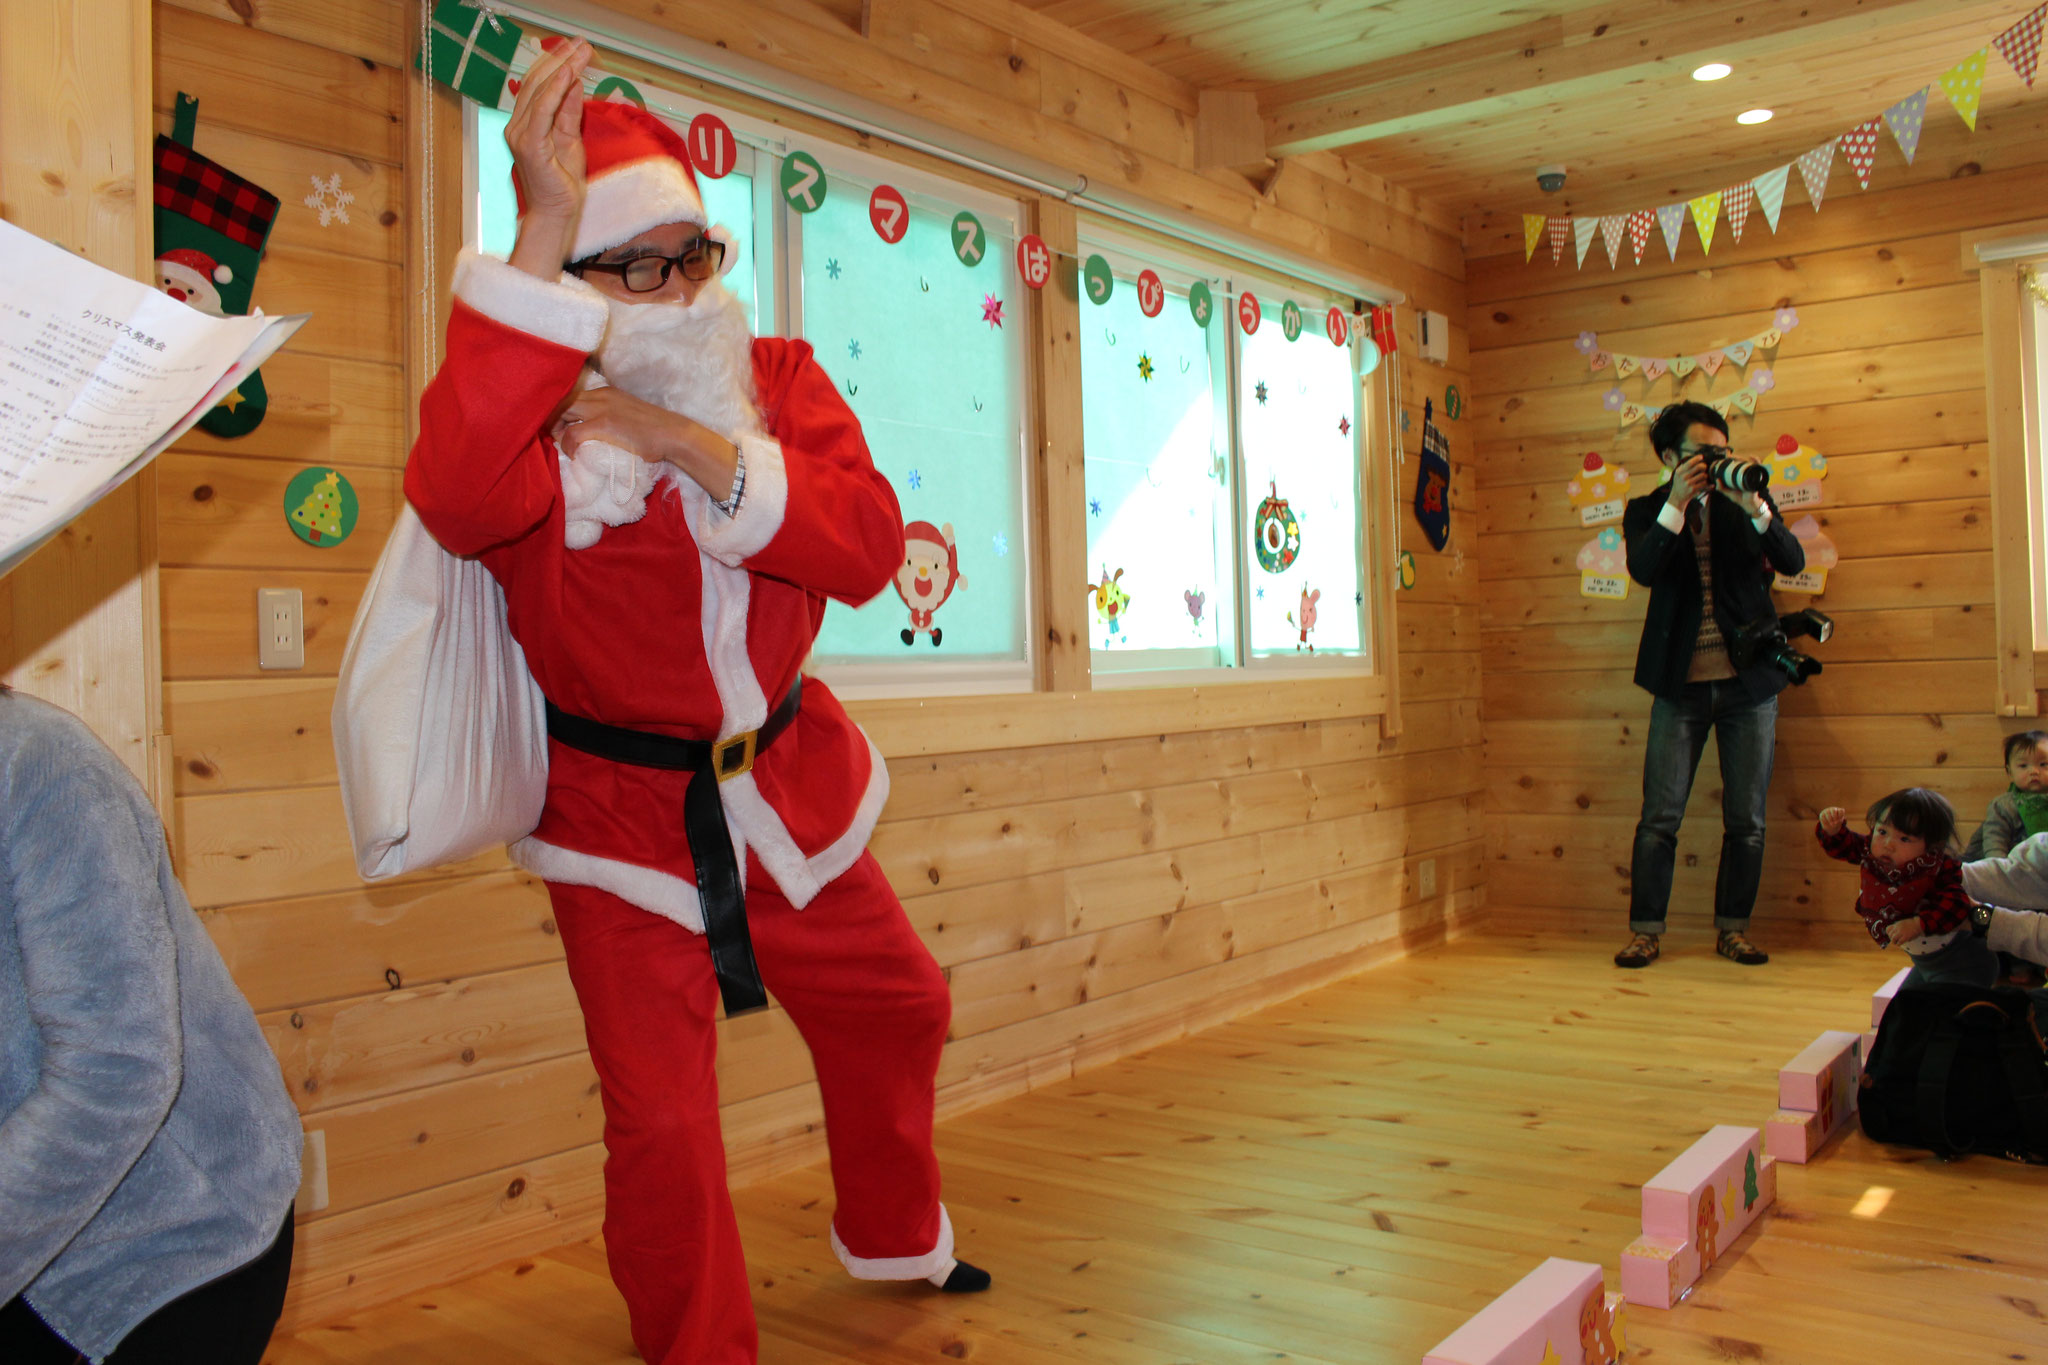 カワ(・∀・)イイ!! 良い子の 集まる リコリコ保育園に ちょっと メガネの曇っている おどけた サンタさんが 遊びに 来てくれました\(^_^)/ あれ~ 何かもってるよ~